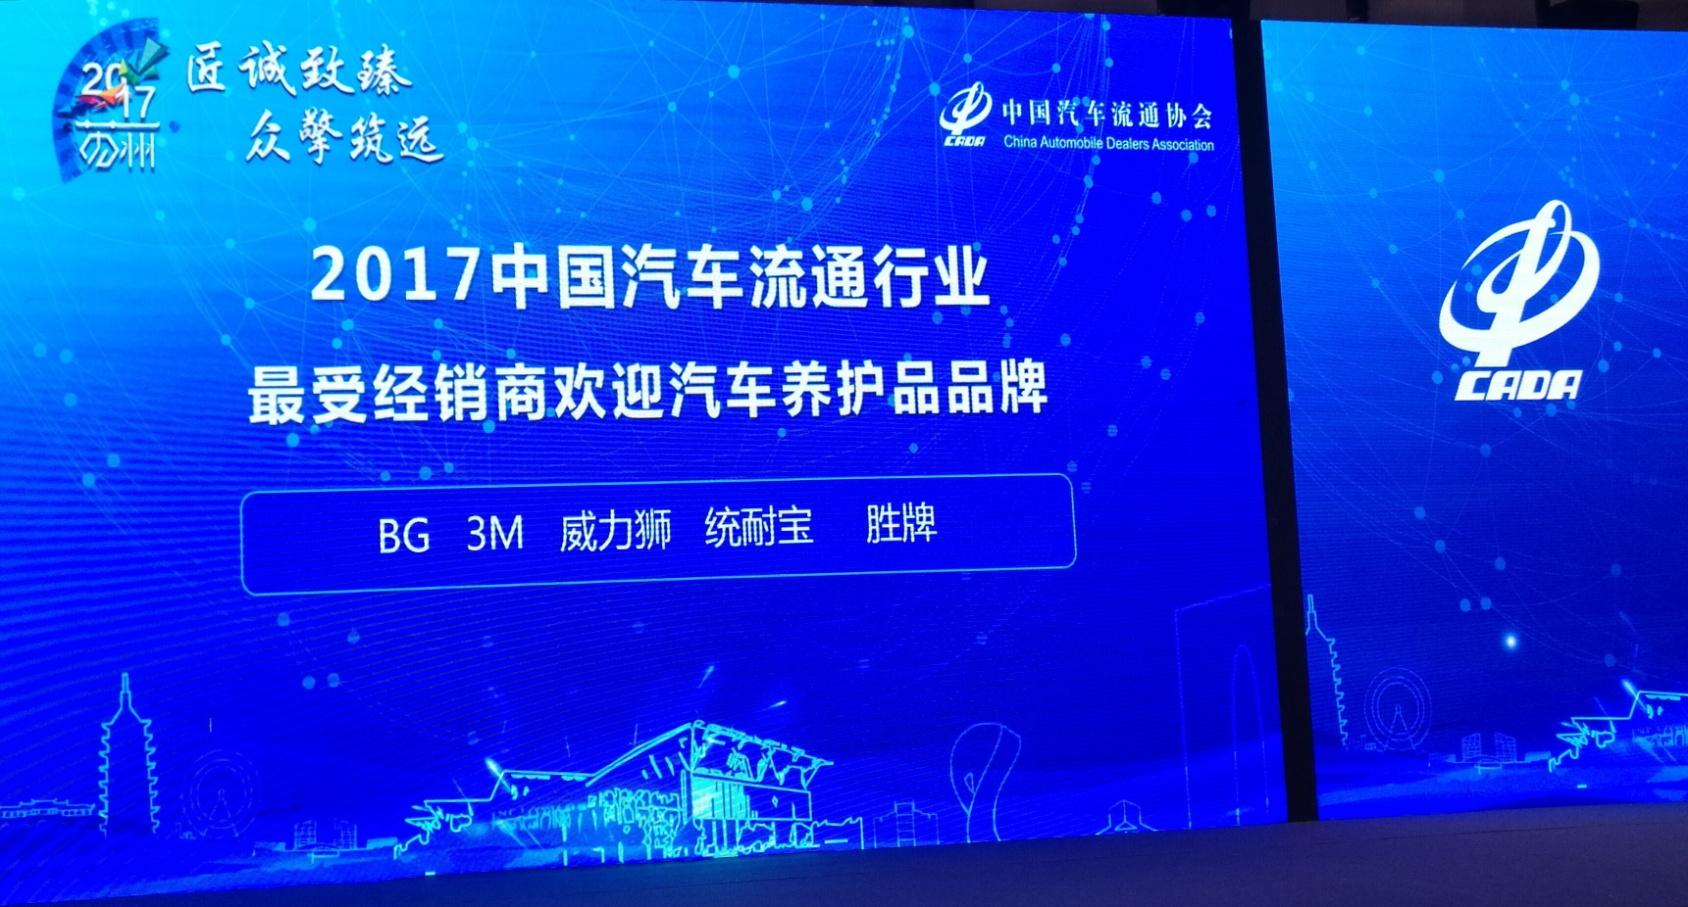 中国汽车流通协会2017年最受经销商欢迎汽车养护品品牌4.jpg